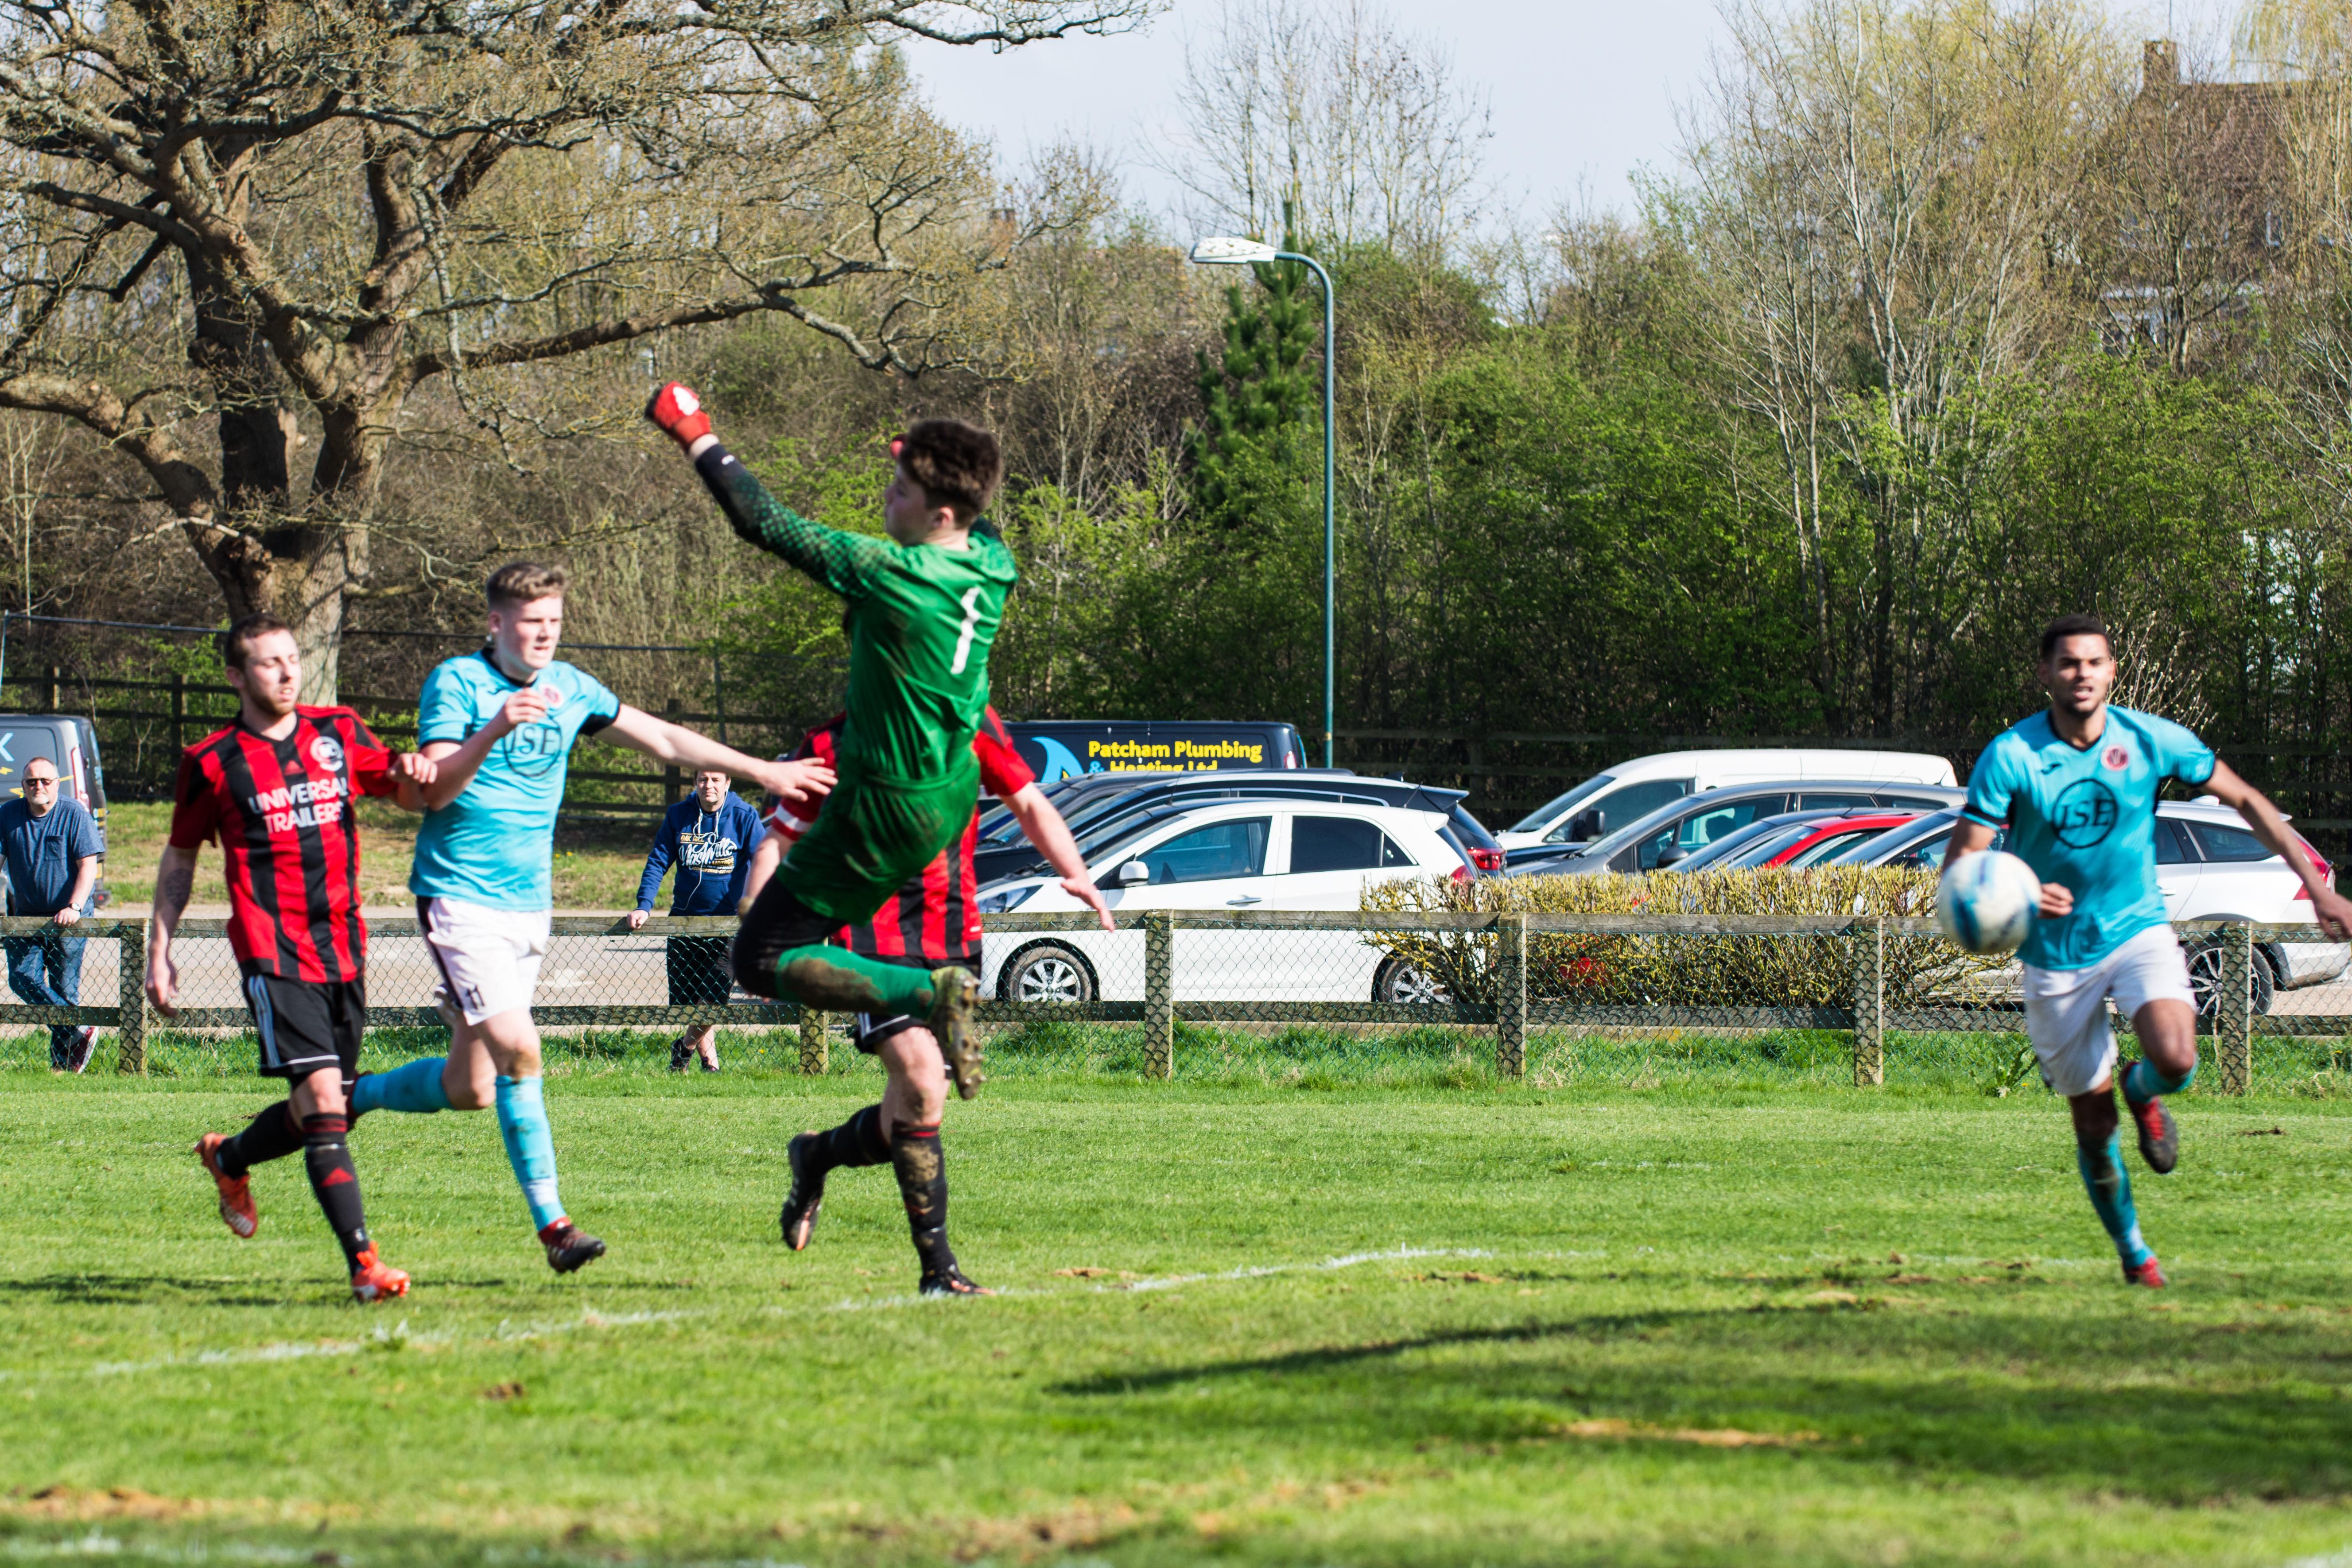 DAVID_JEFFERY Billingshurst FC vs AFC Varndeanians 14.04.18 78